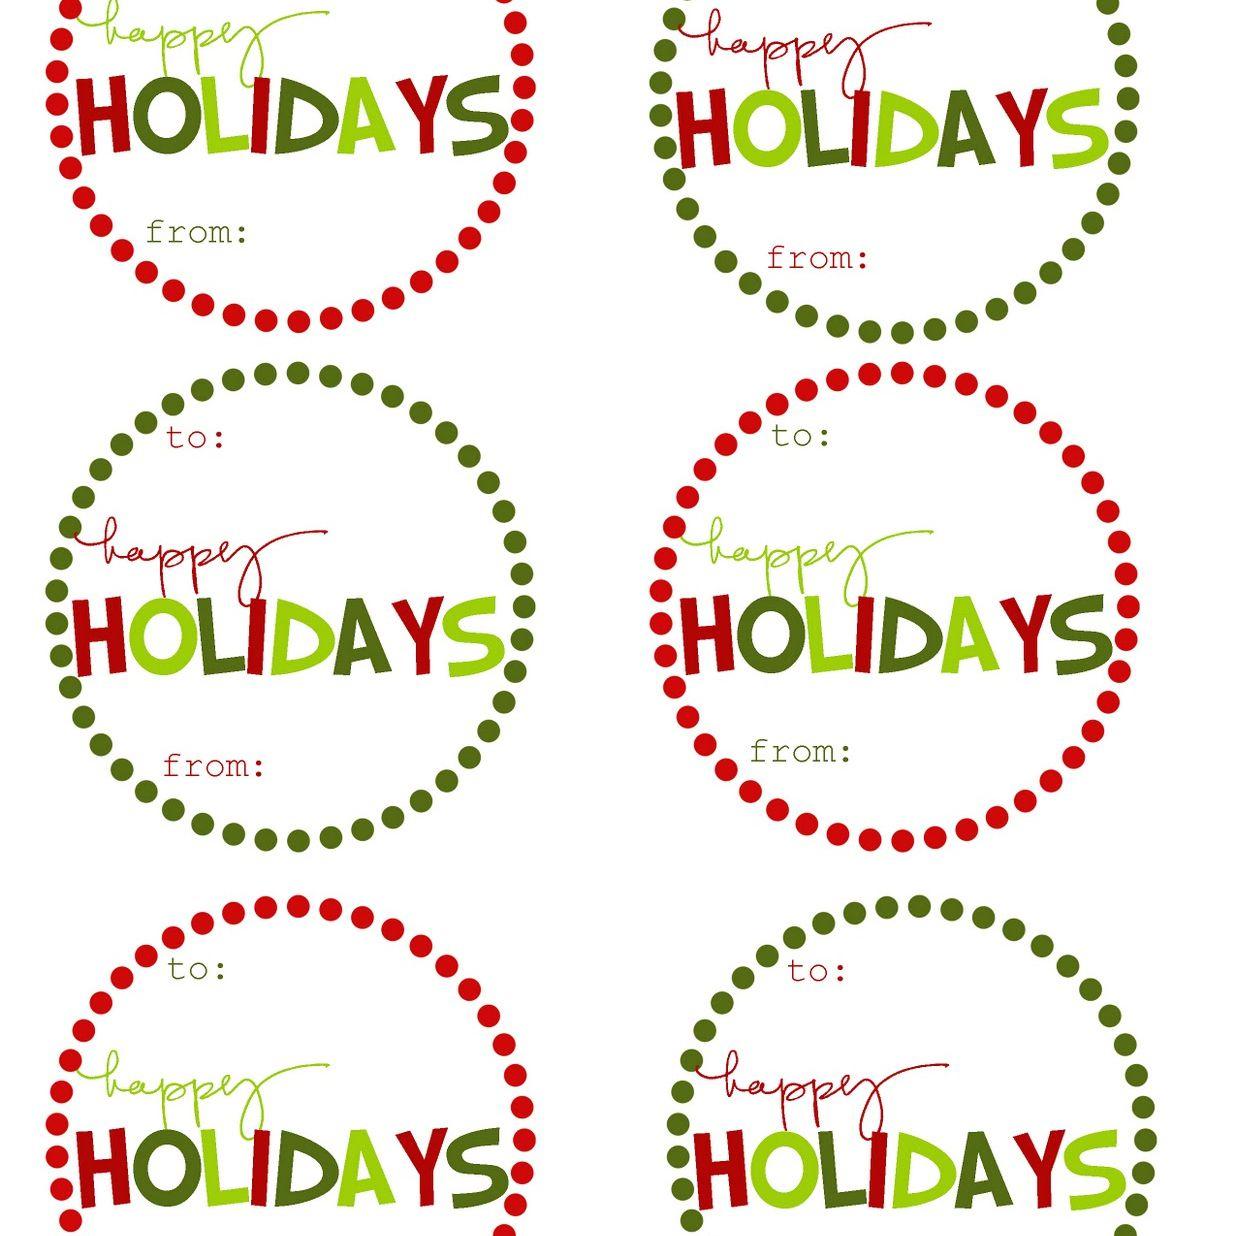 40 Sets Of Free Printable Christmas Gift Tags - Free Printable Gift Name Tags